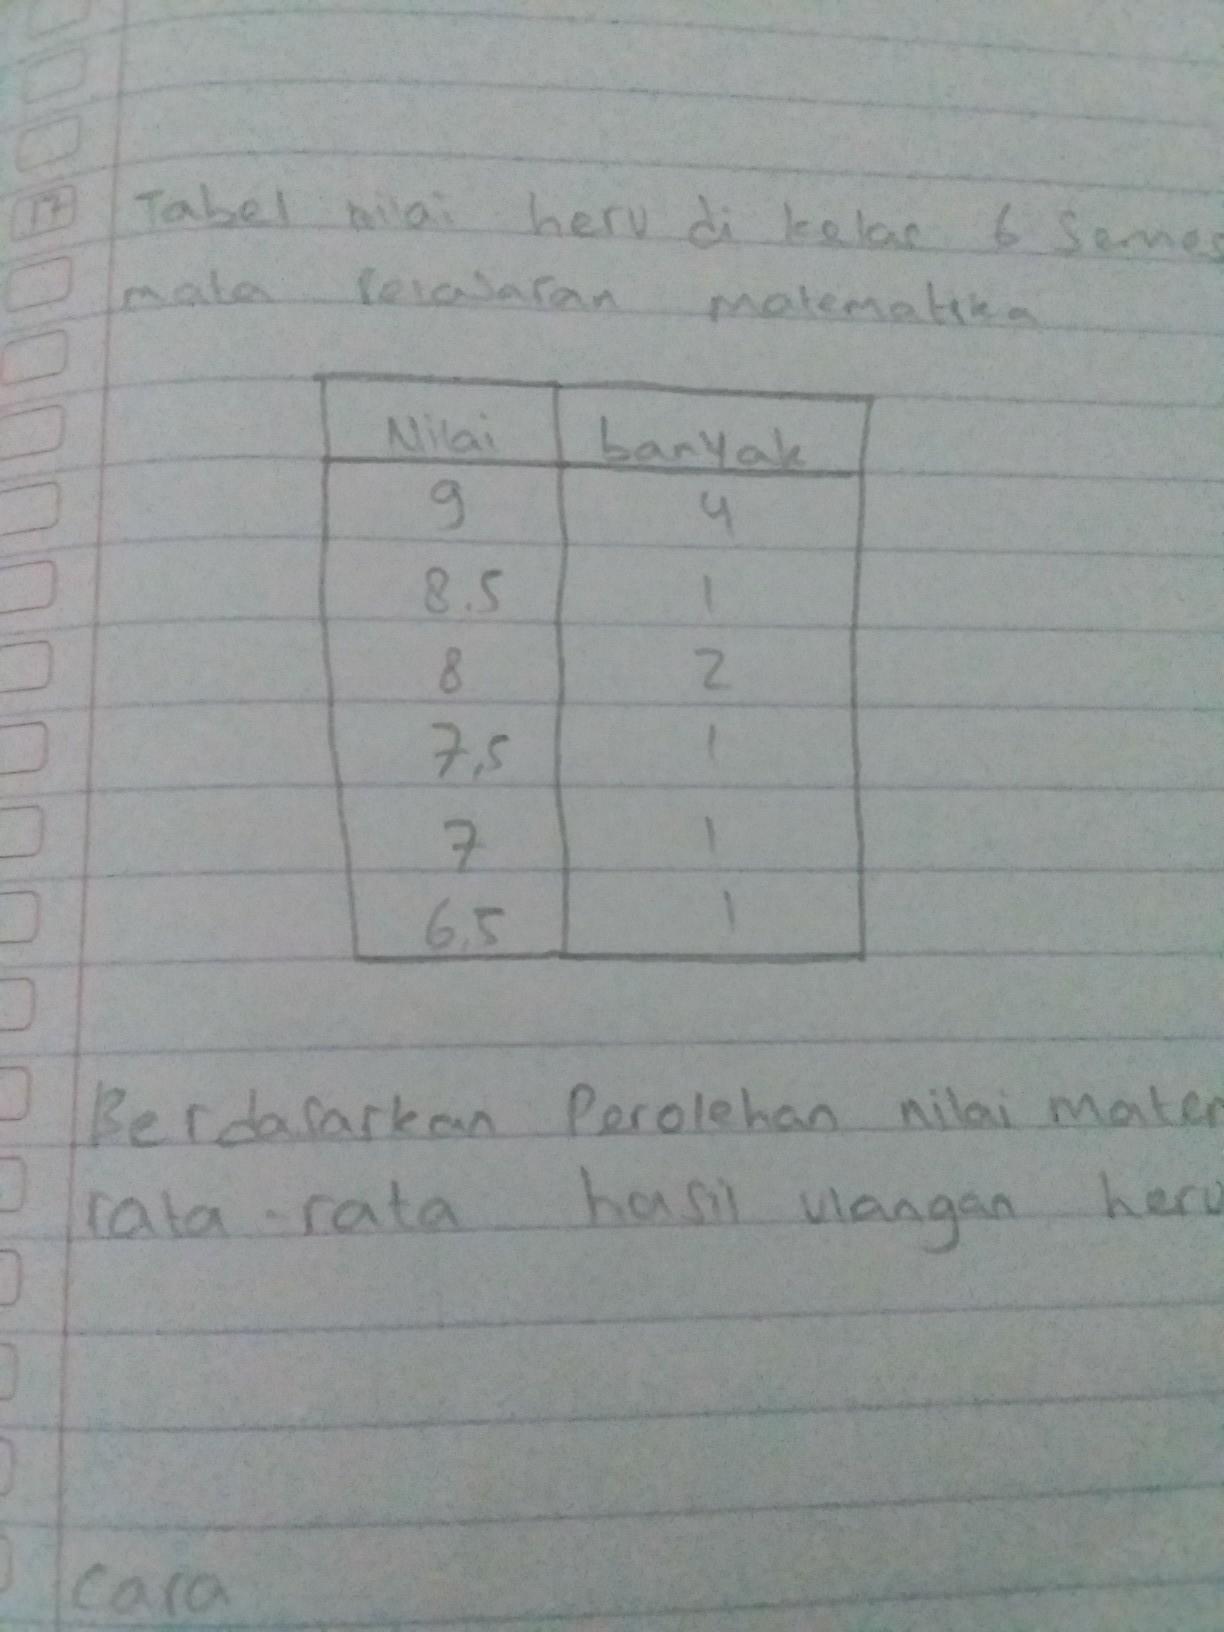 Tabel Nilai Heru Di Kelas 6 Semester 1 Mata Pelajaran Matematikaberdasarkan Perolehan Nilai Brainly Co Id